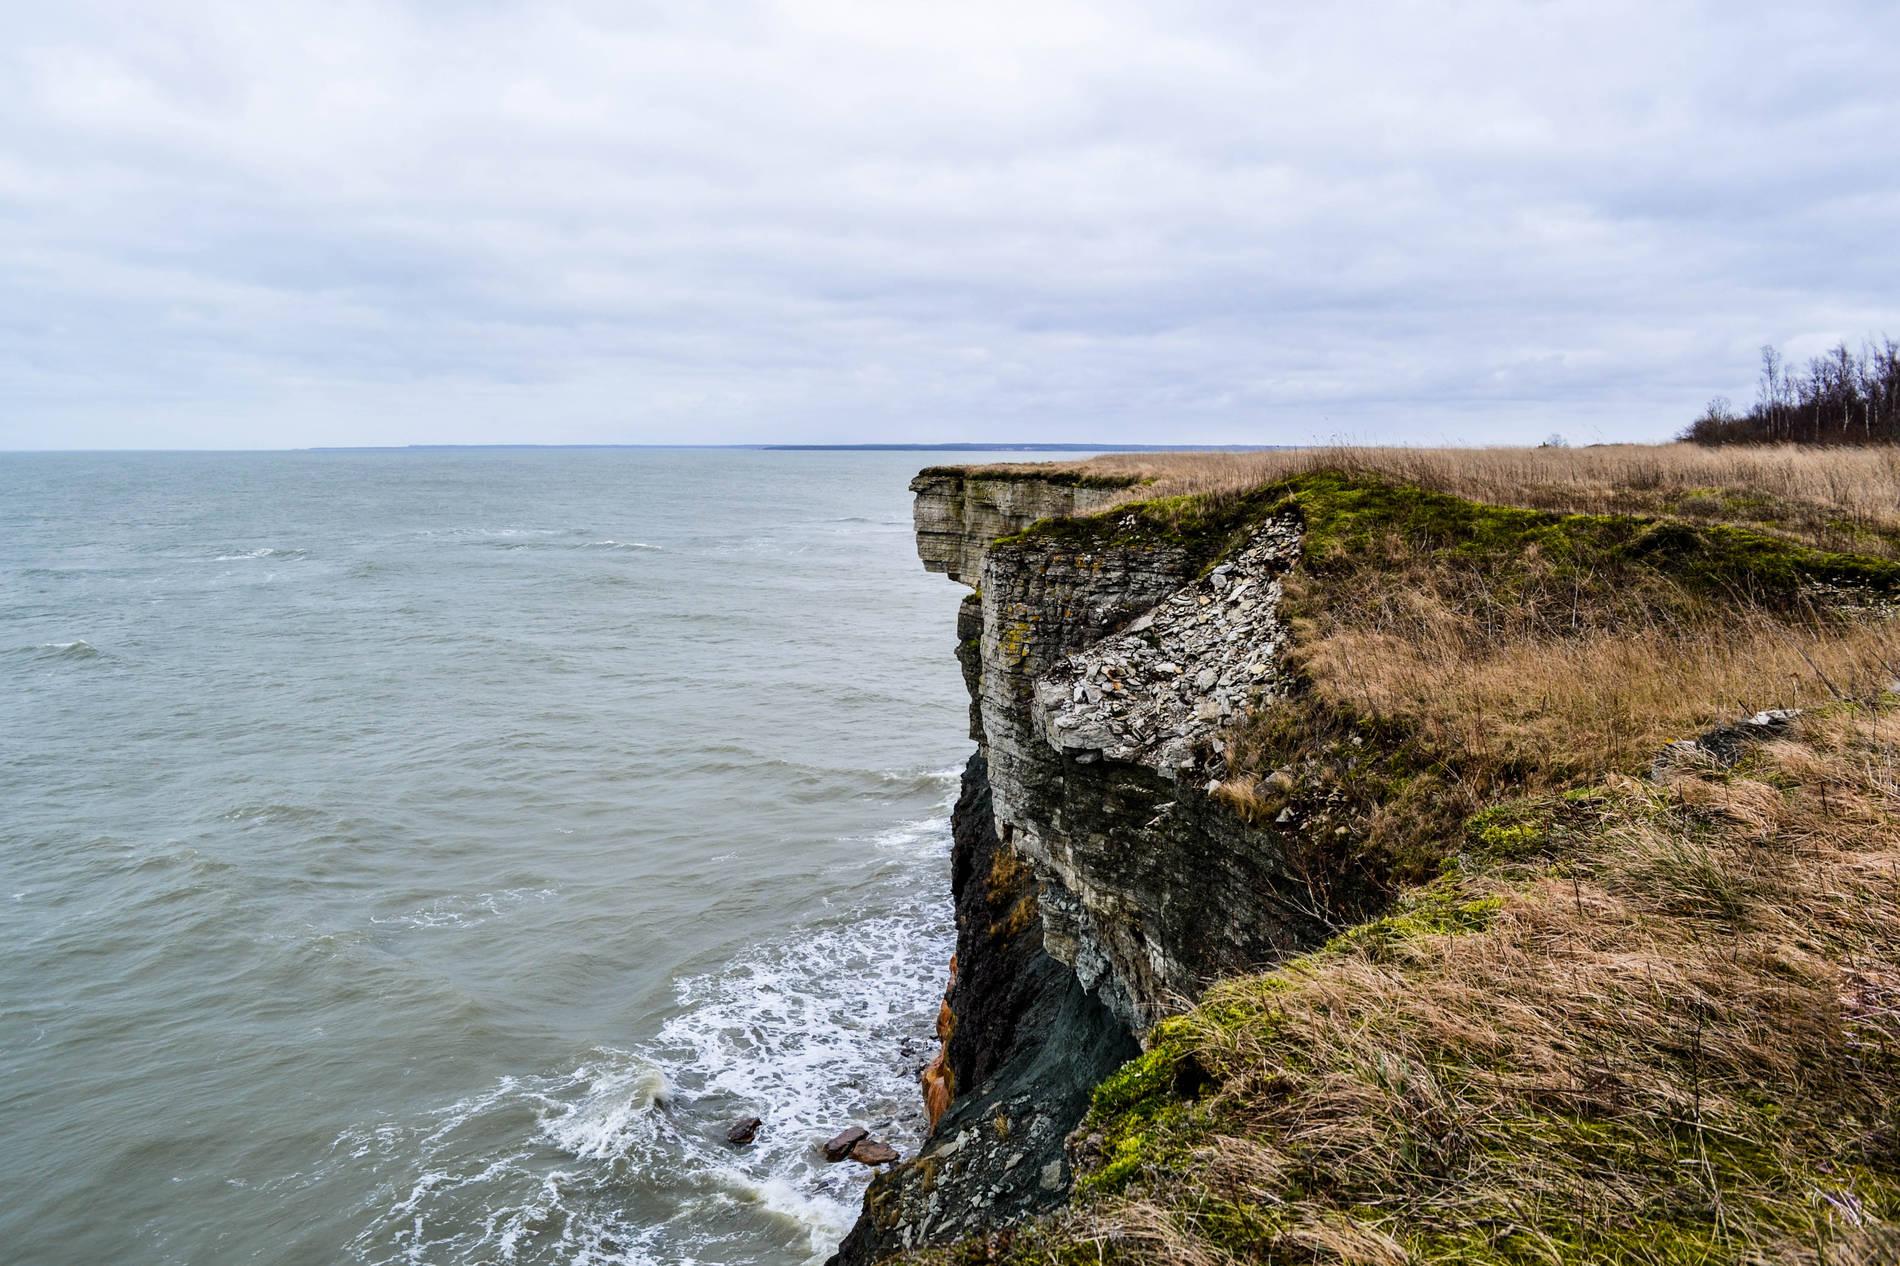 Coastal cliff in Estonia